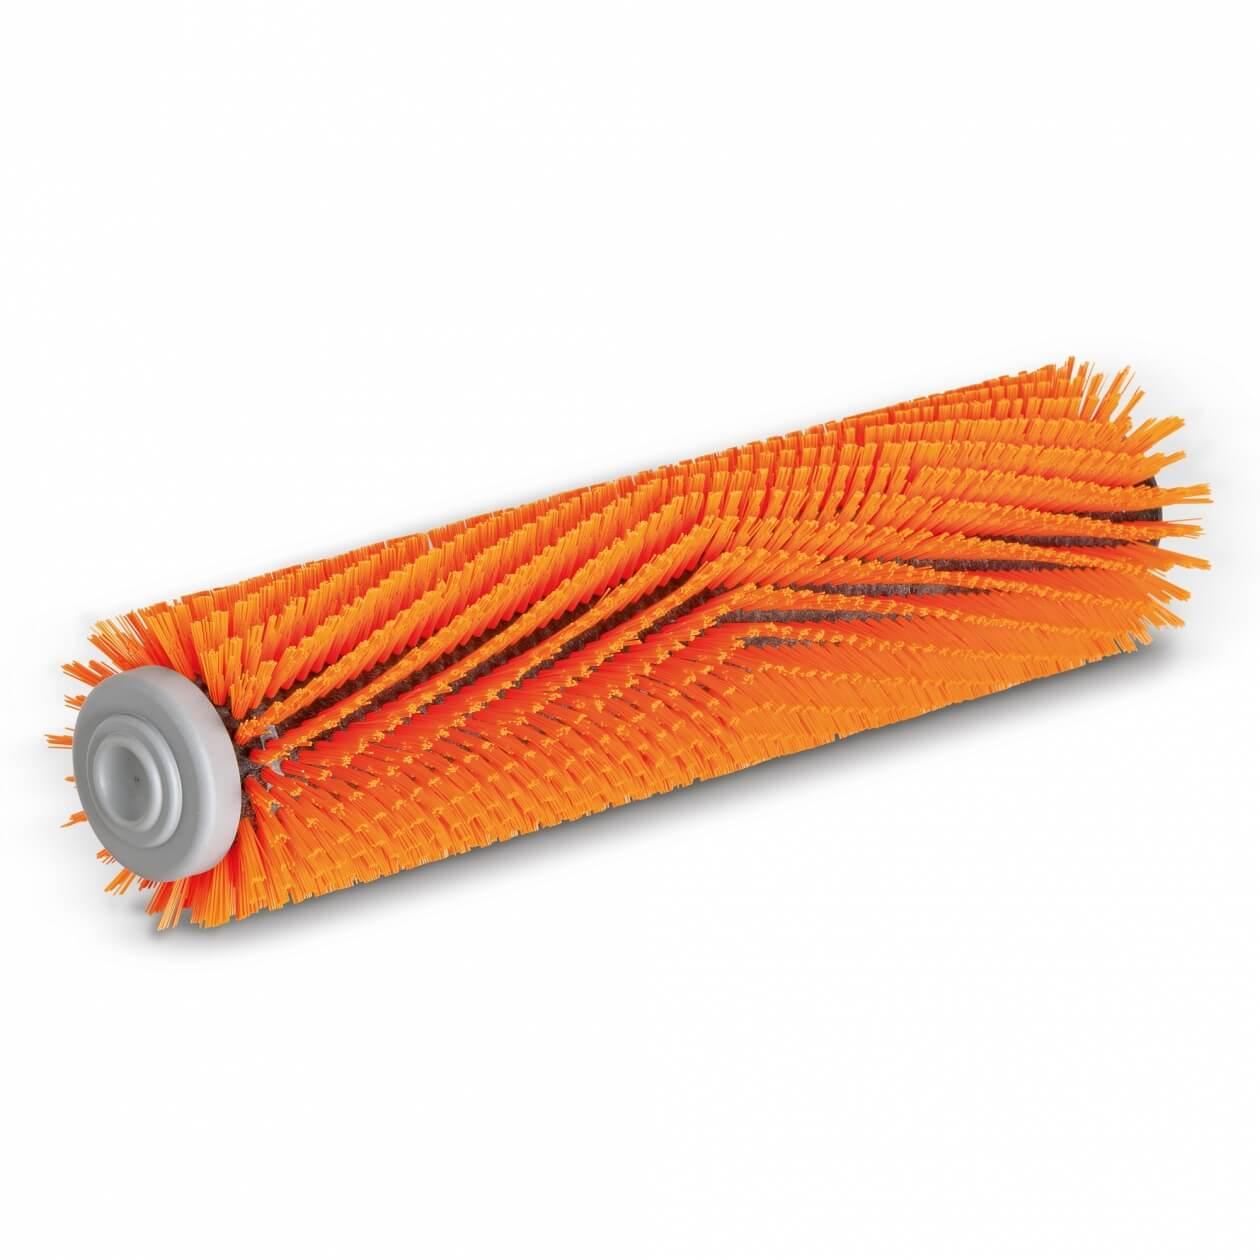 Image of   Kärcher, børstevalse, høj / lav, 450 mm, orange, til B 40 W - 47624060